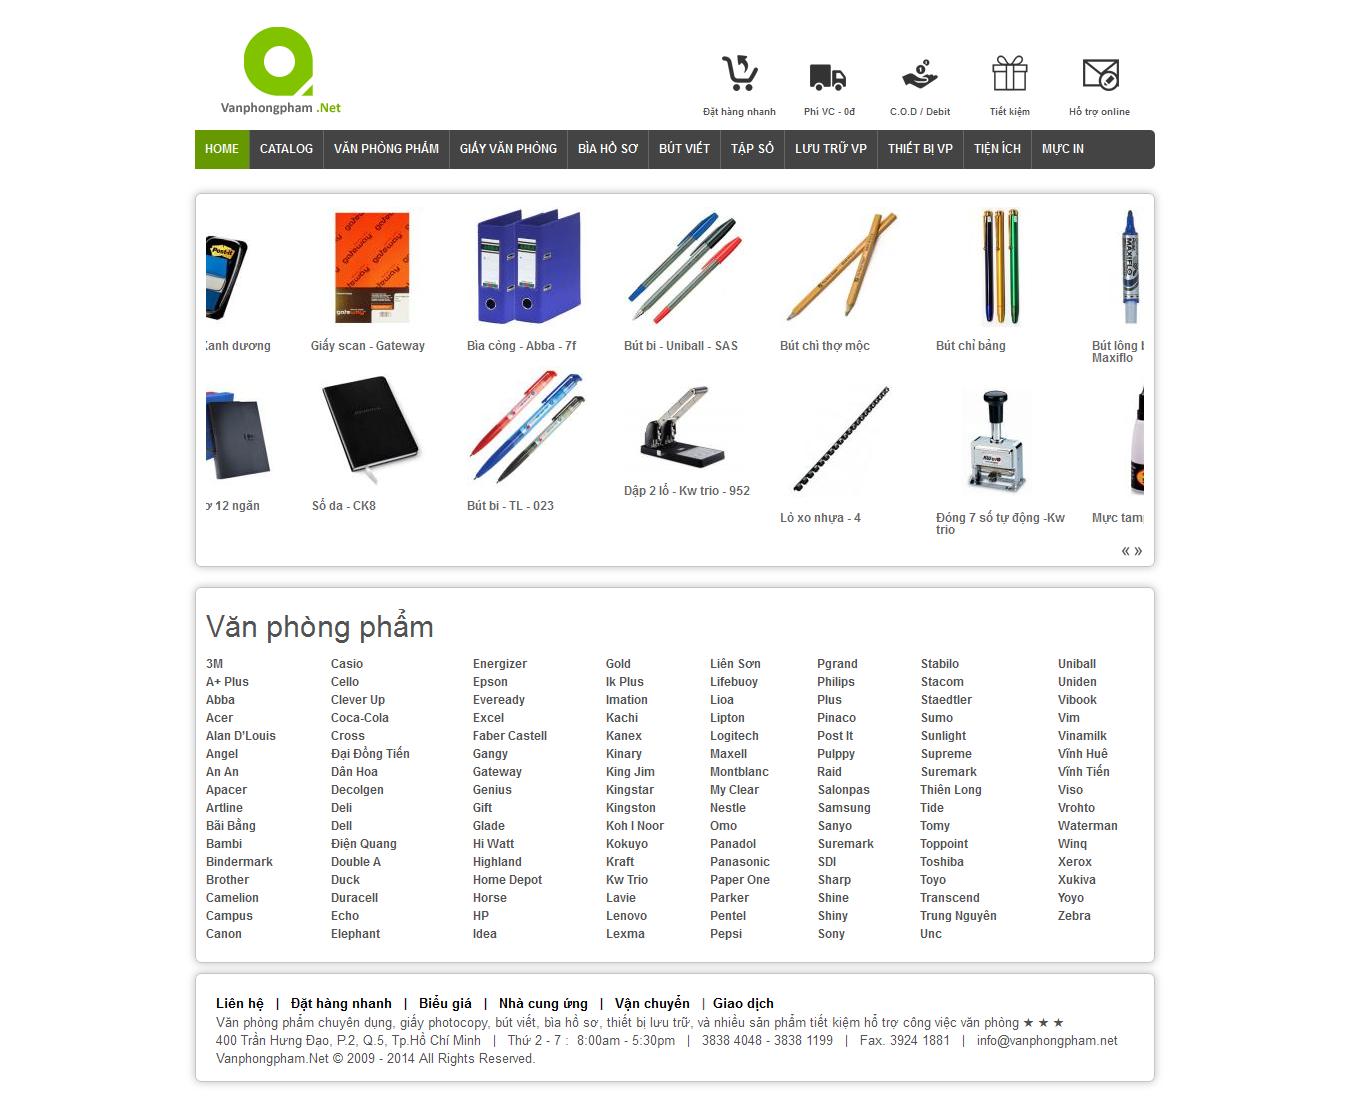 Mẫu website văn phòng phẩm 10491